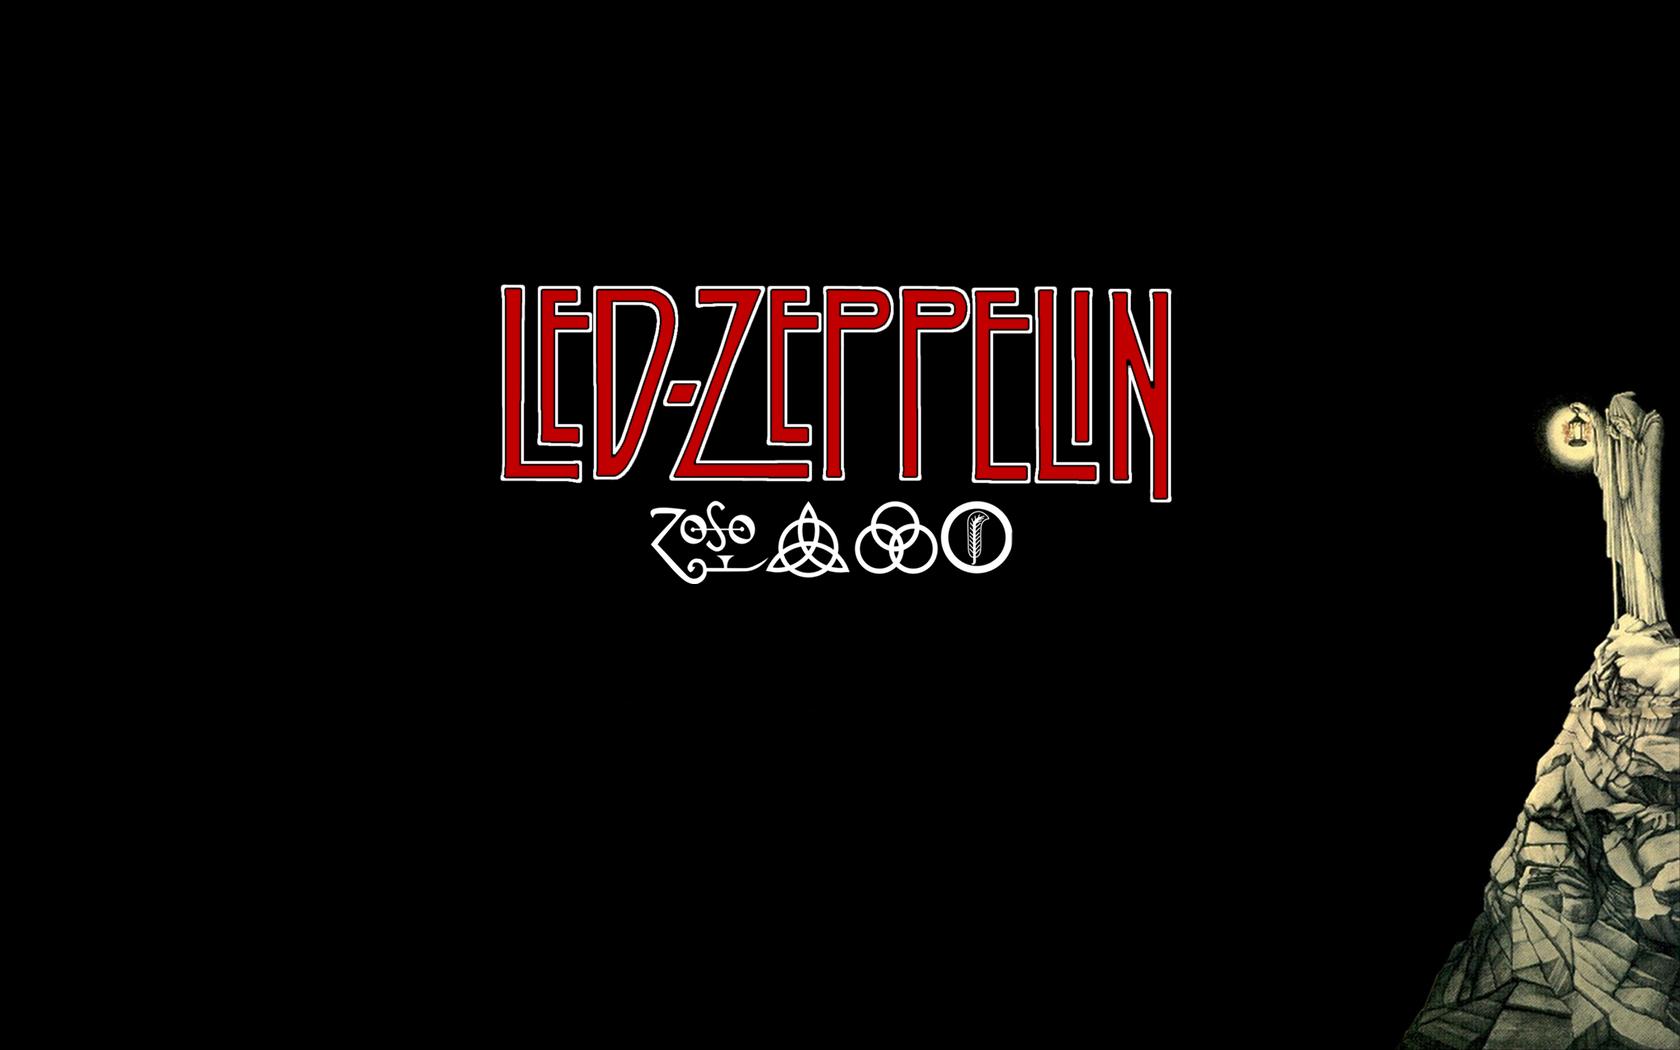 Led Zeppelin - 1680x1050